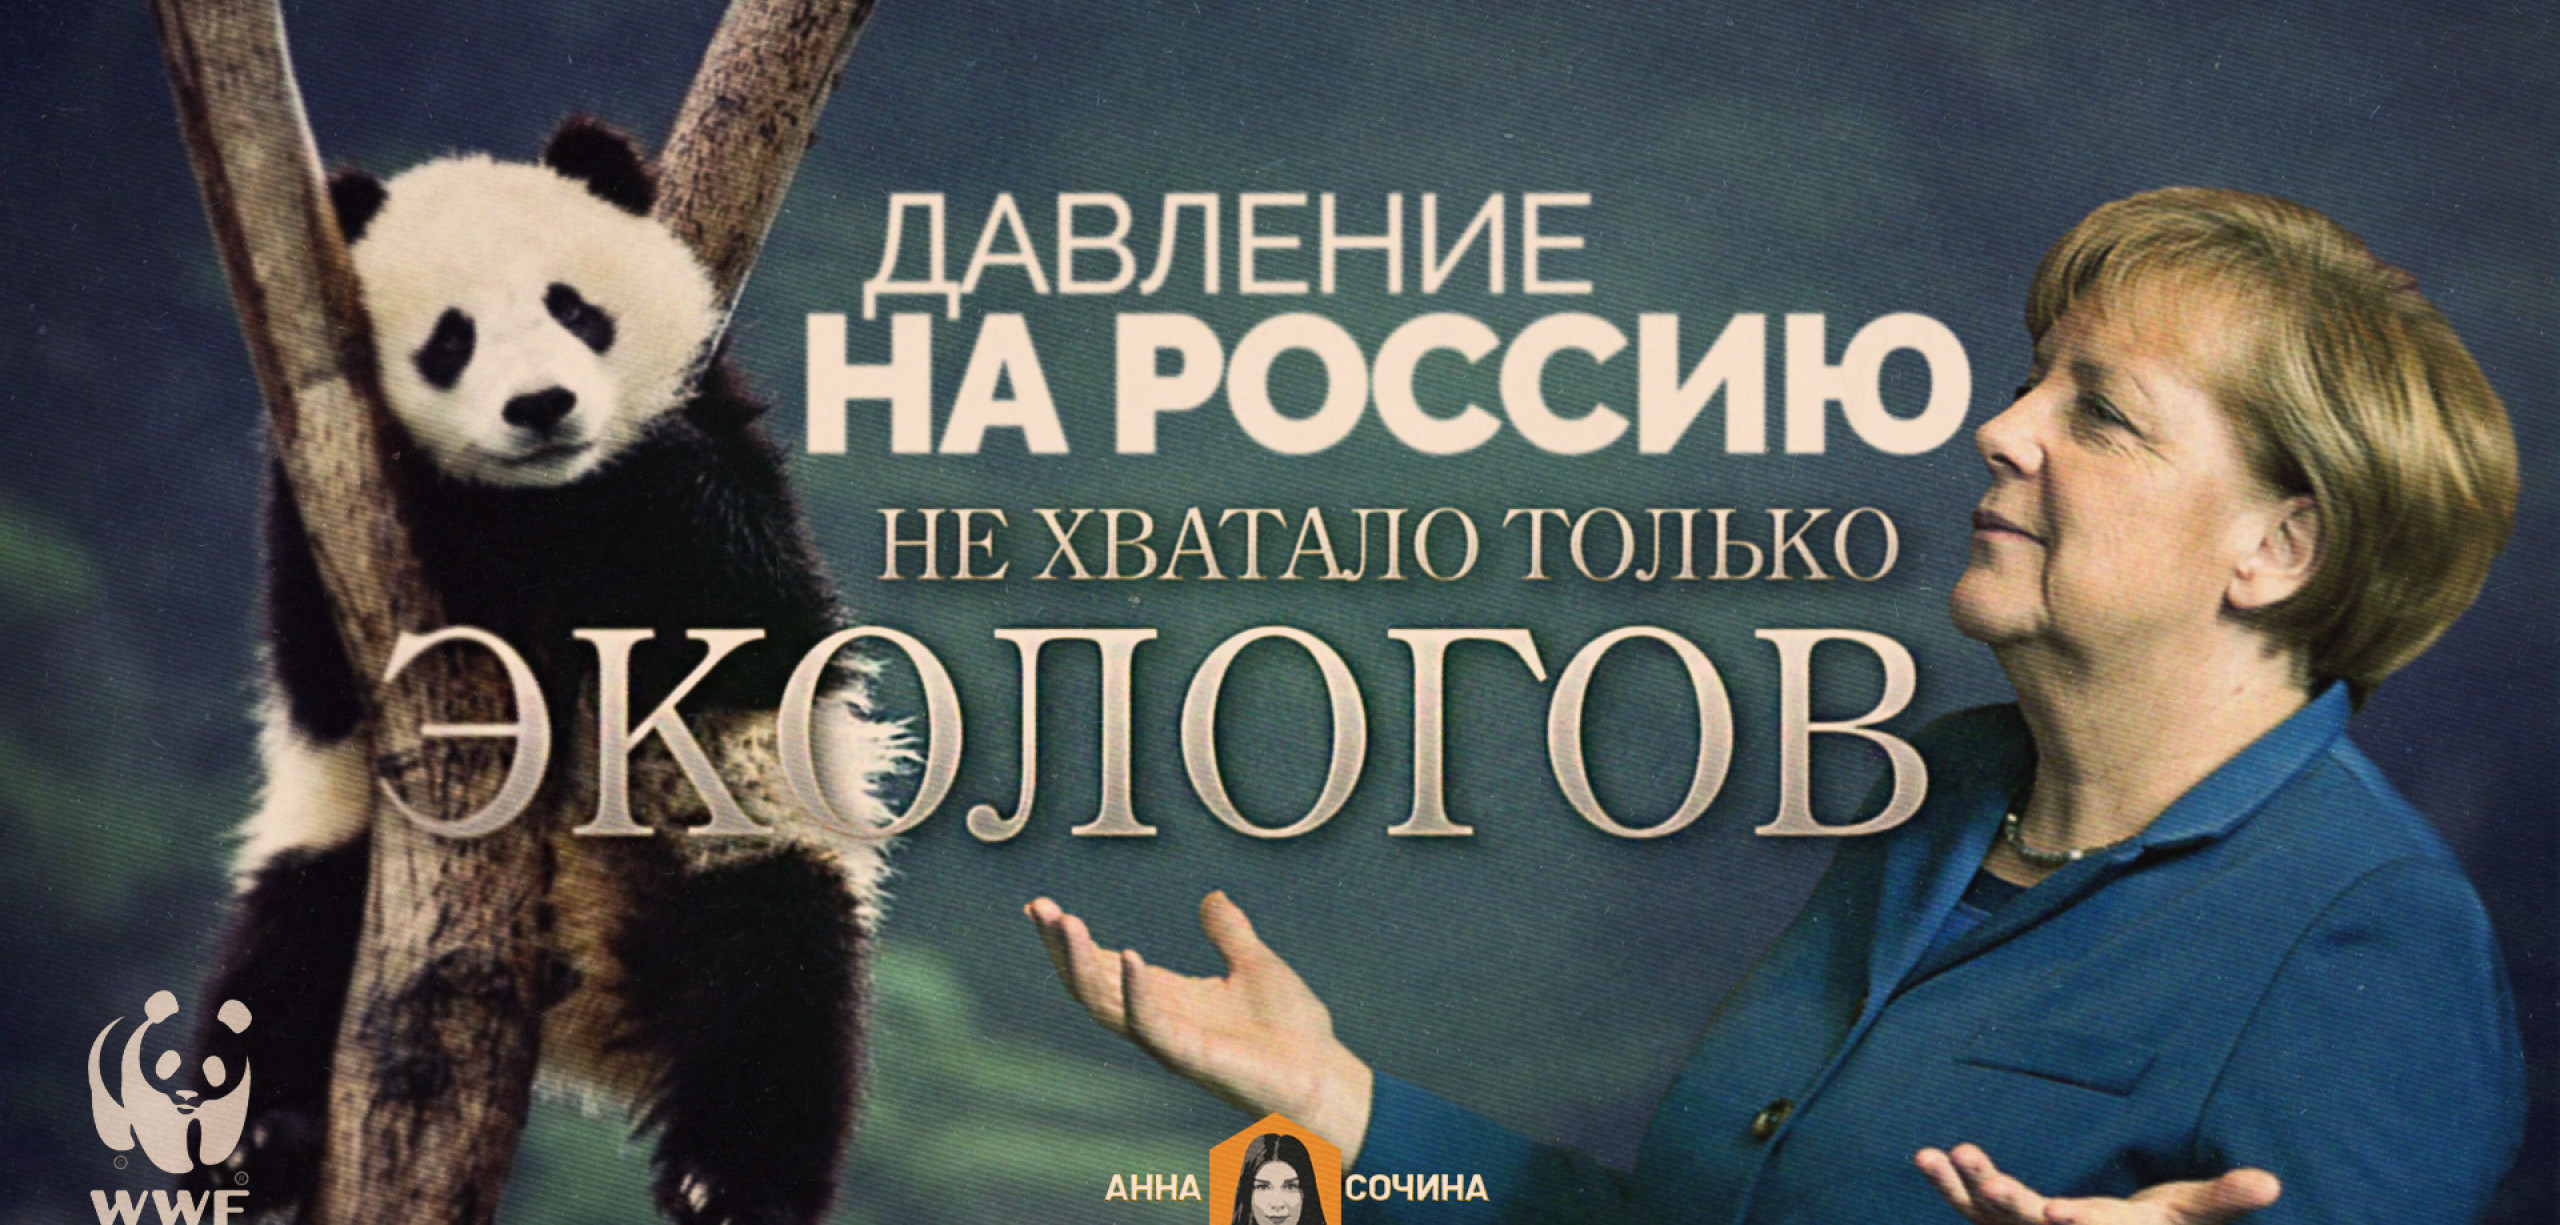 Давление на Россию: не хватало только экологов